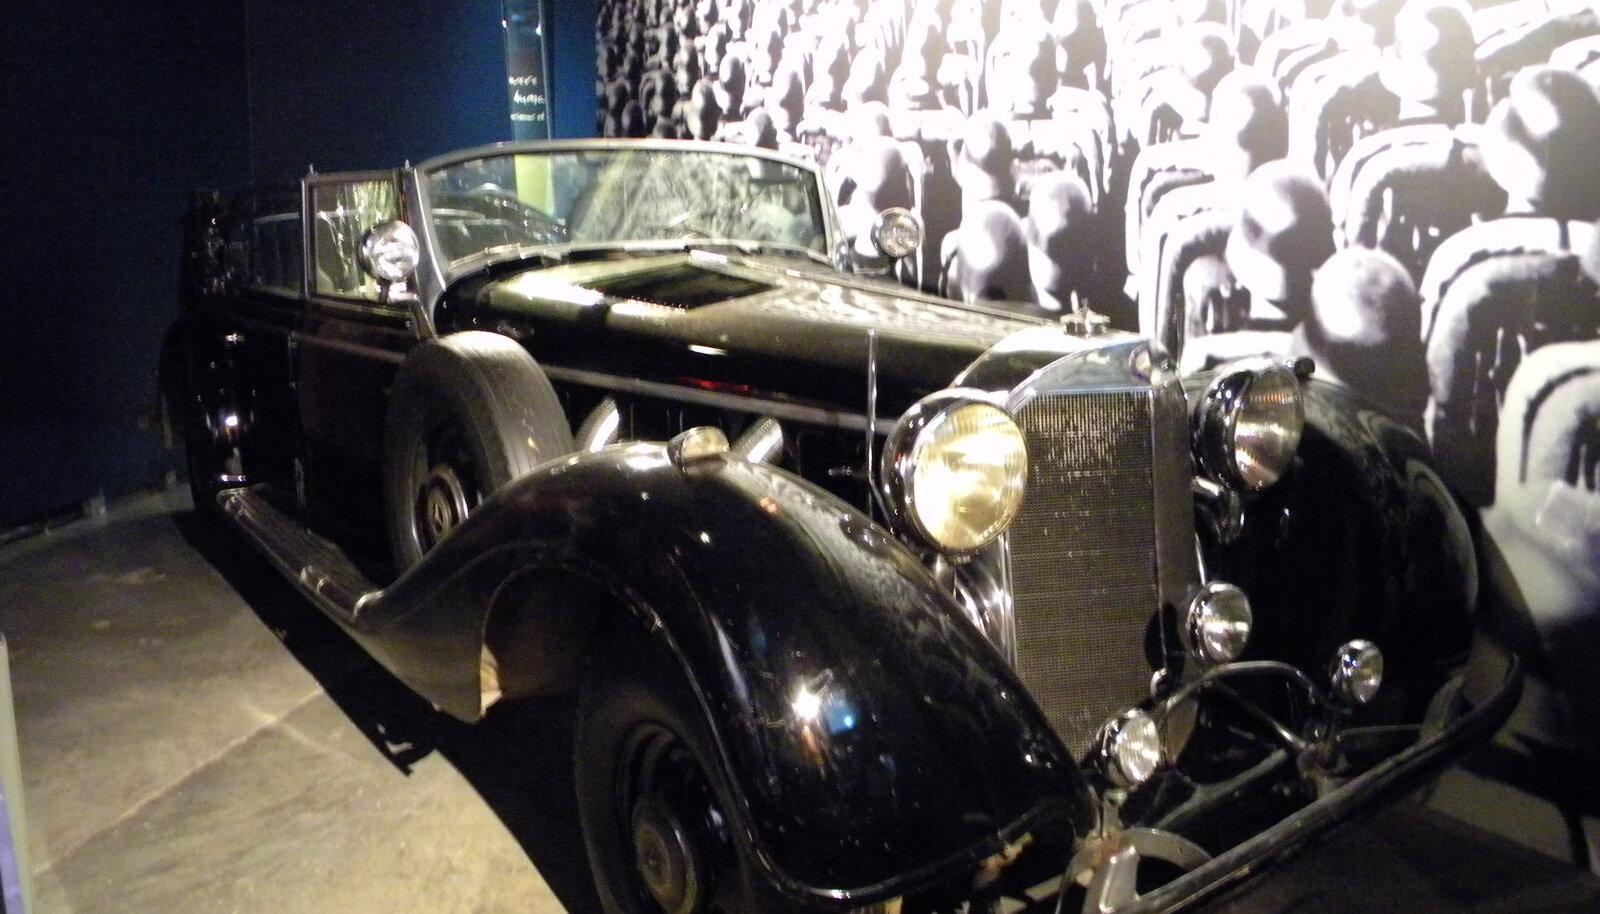 II seeria Mercedes-Benz 770 II, mis oli üks seitsmest Hitlerile kuulunud limusiinist